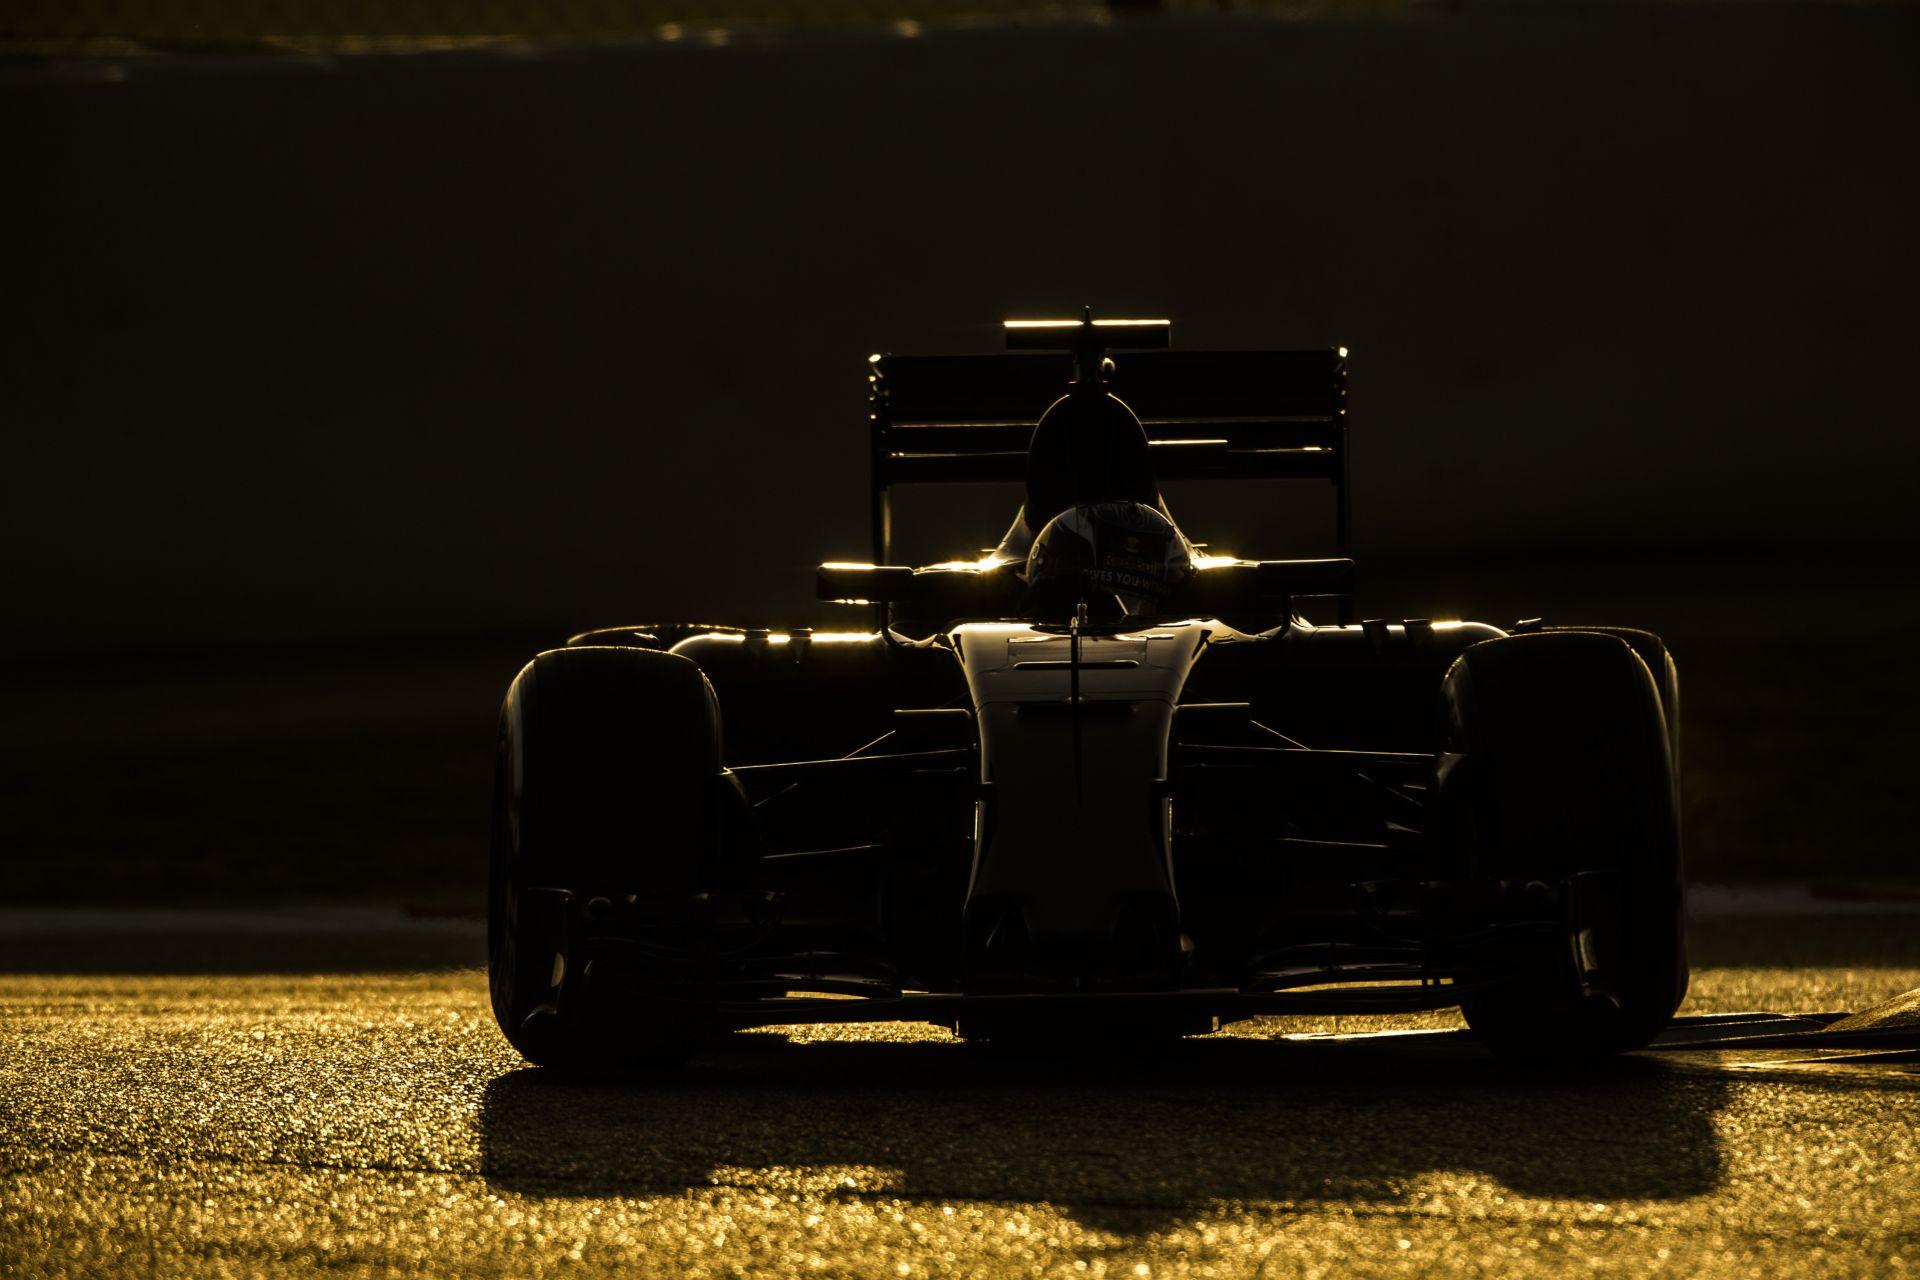 Folytatódik az F1-es teszt Barcelonában: Raikkönen debütál az új Ferrarival